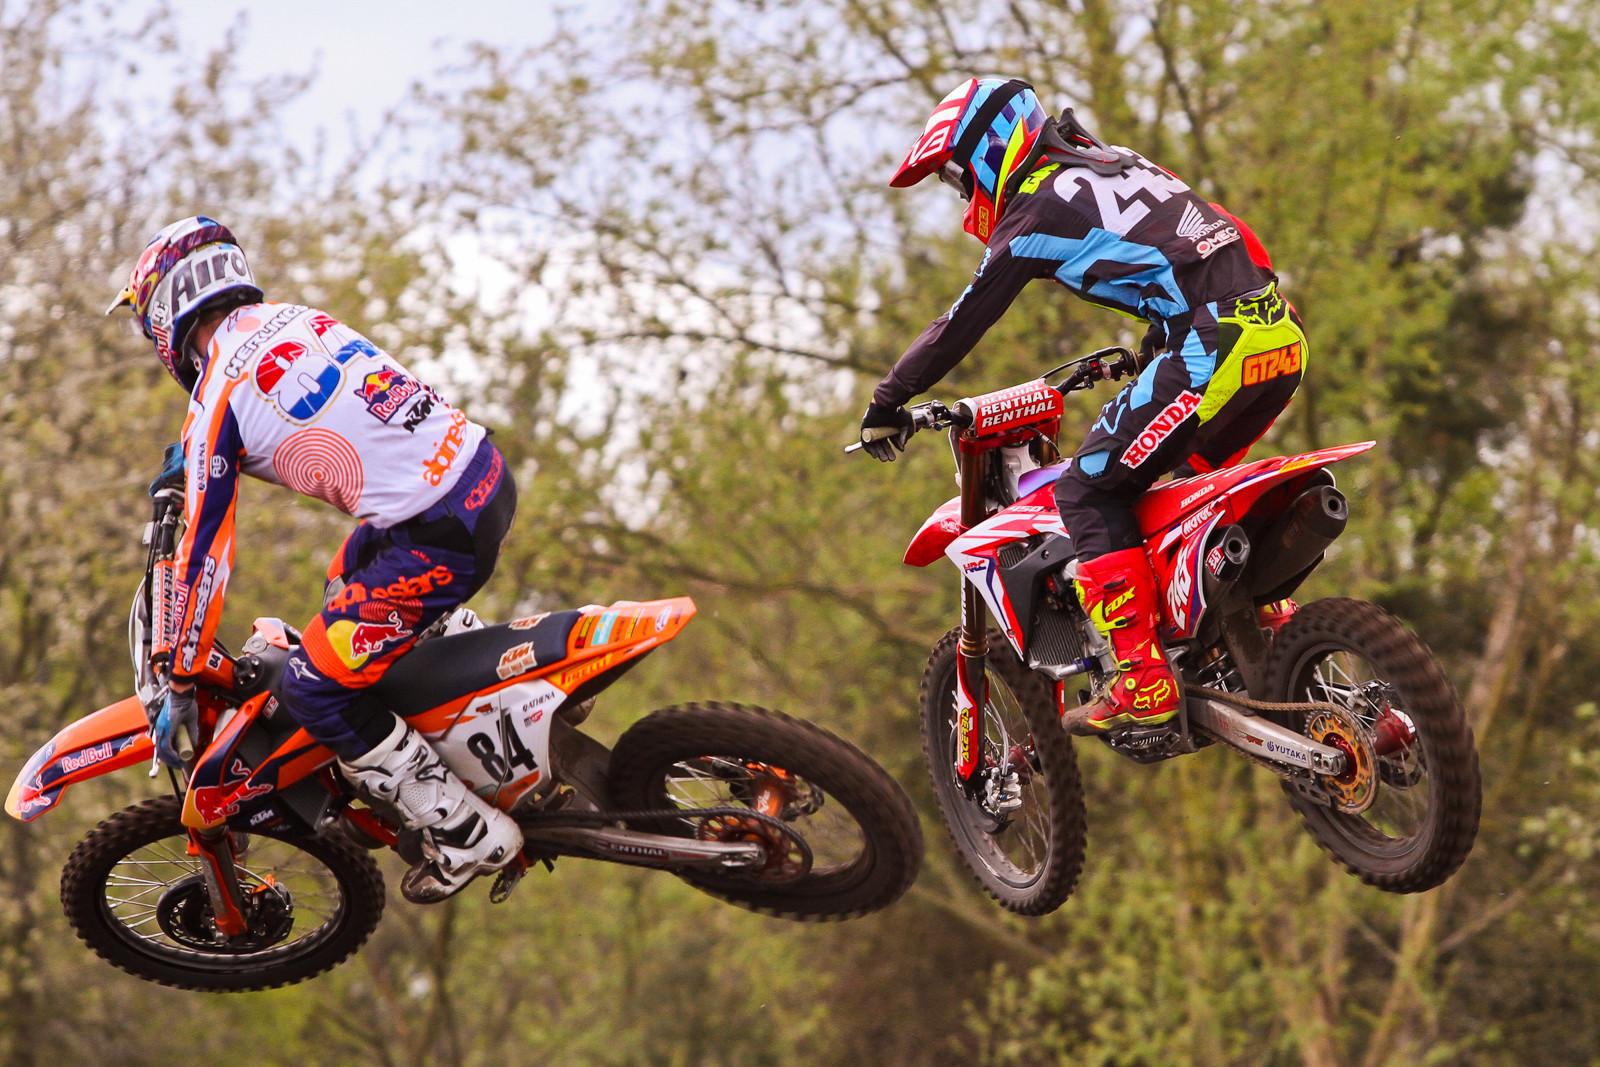 Jeffrey Herlings / Tim Gajser - Photo Blast: 2017 MXGP of Valkenswaard - Motocross Pictures - Vital MX